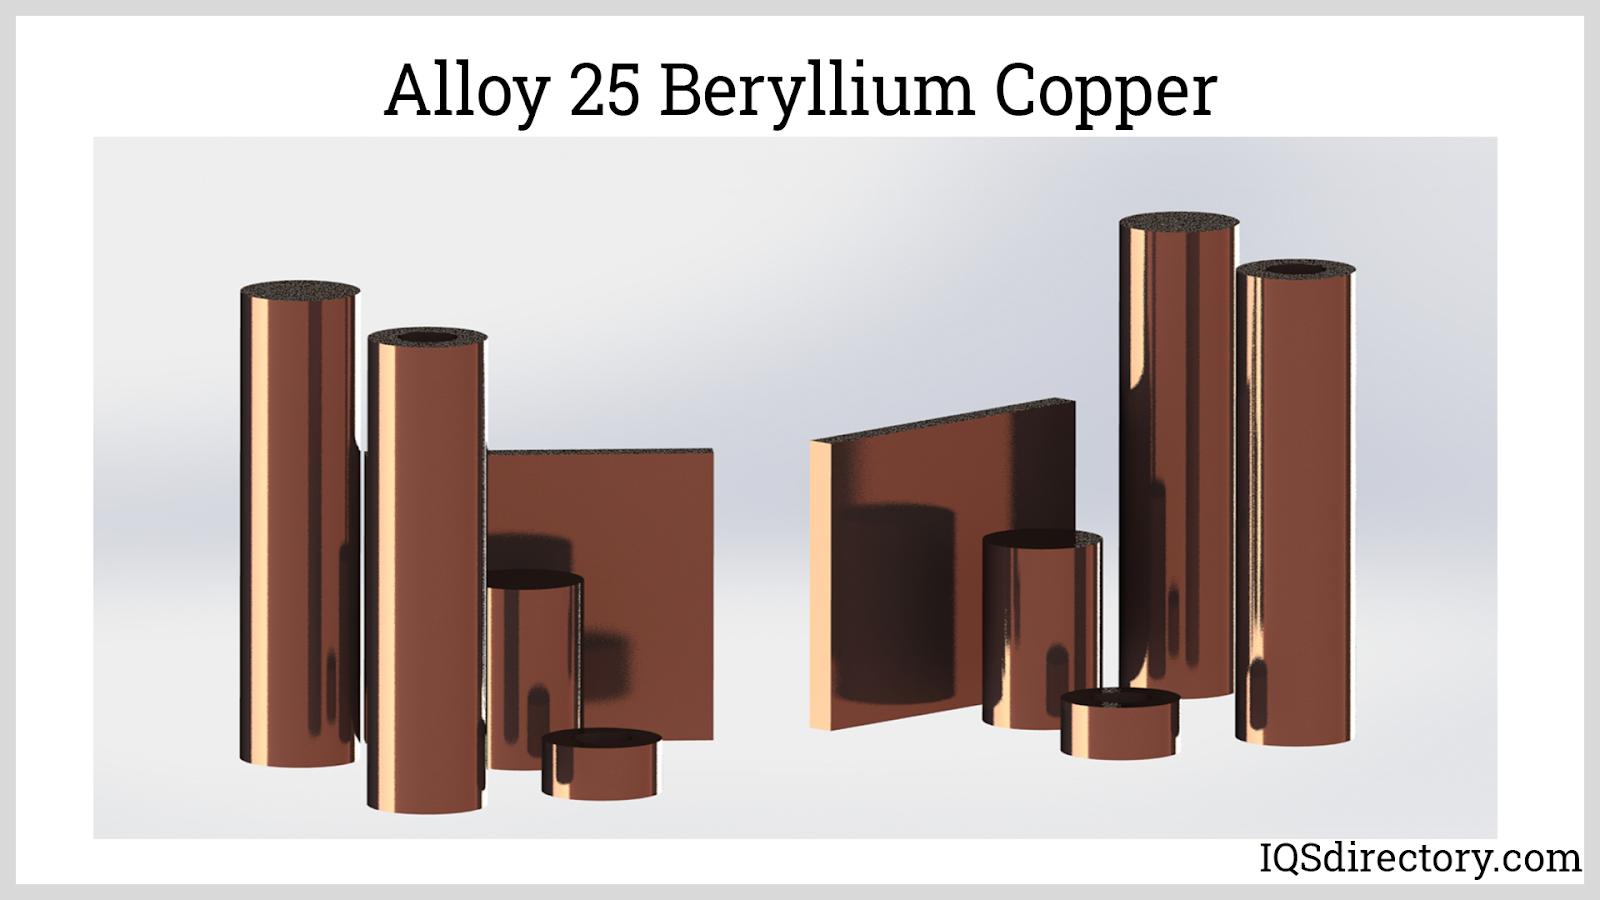 Alloy 25 Beryllium Copper